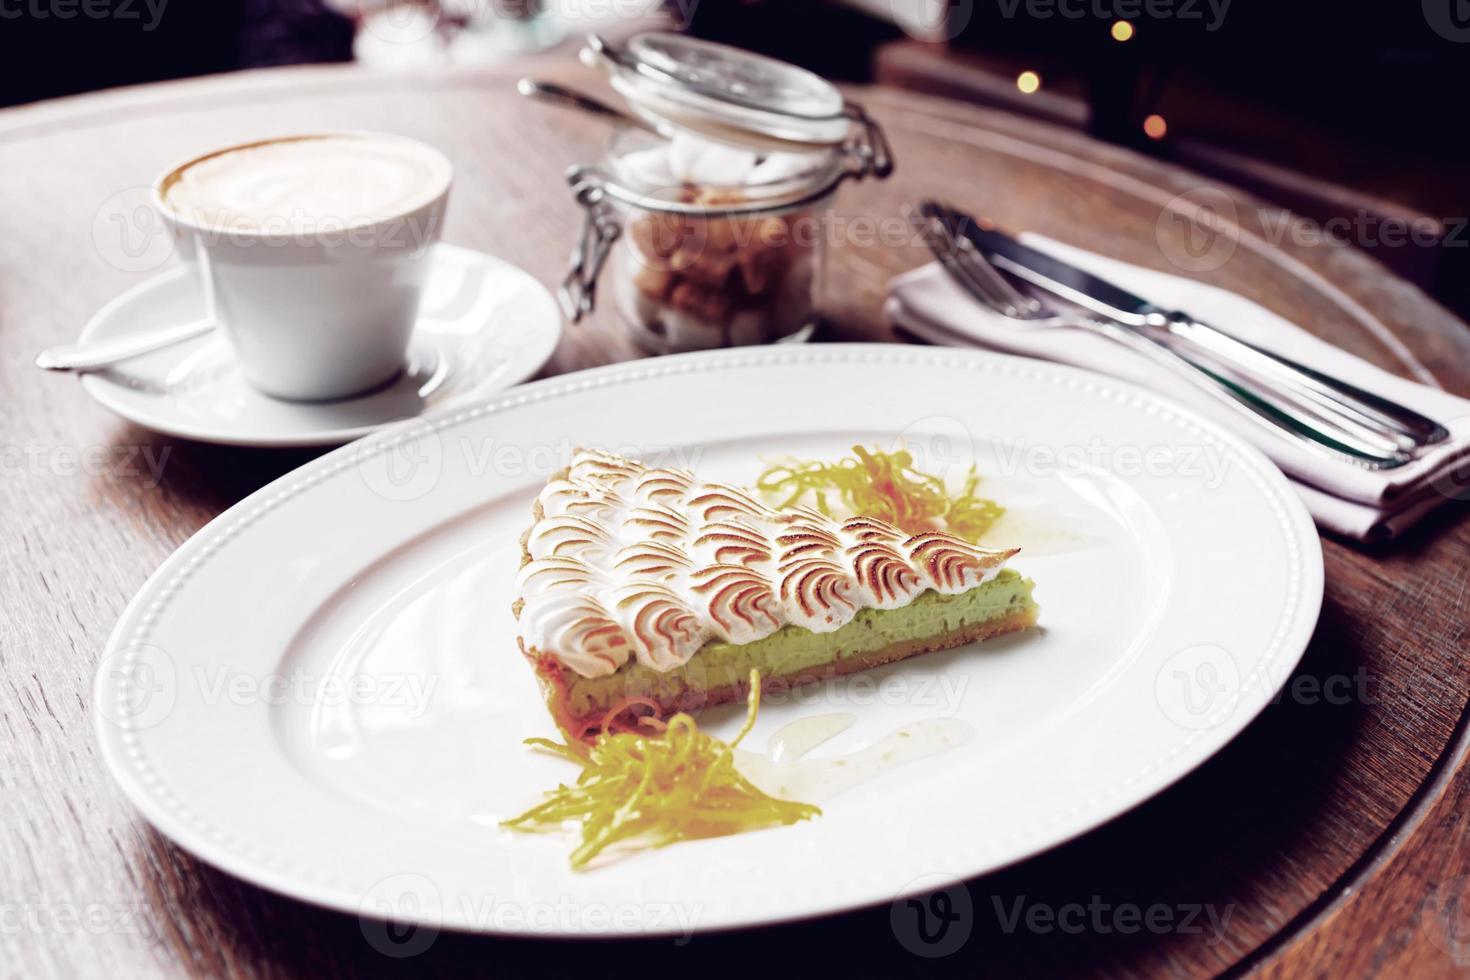 dessert à la meringue avec café, repas du matin photo